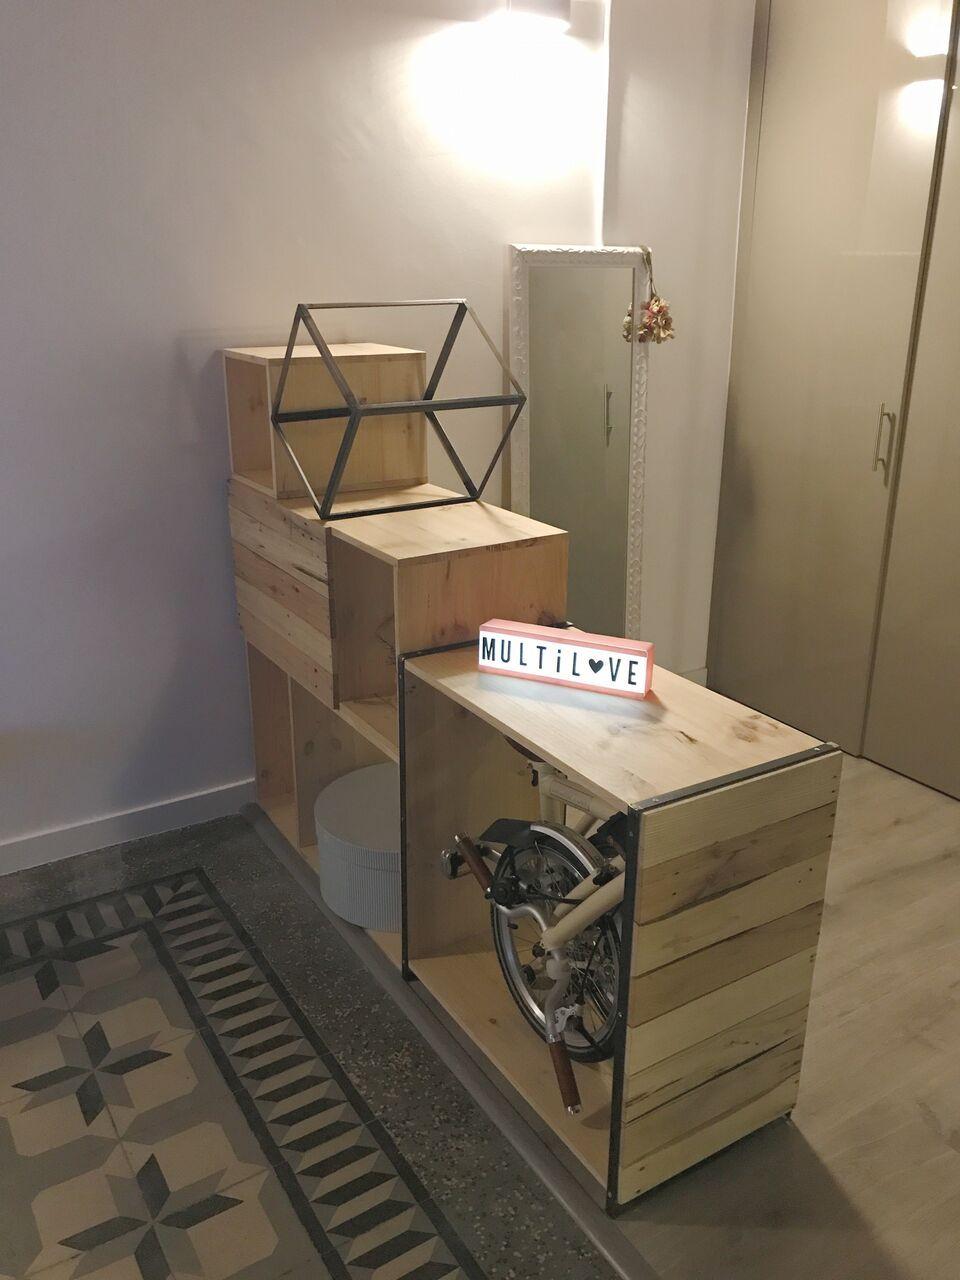 Mueble Confeccionado Por 4 Módulos Todo Ello En Madera De